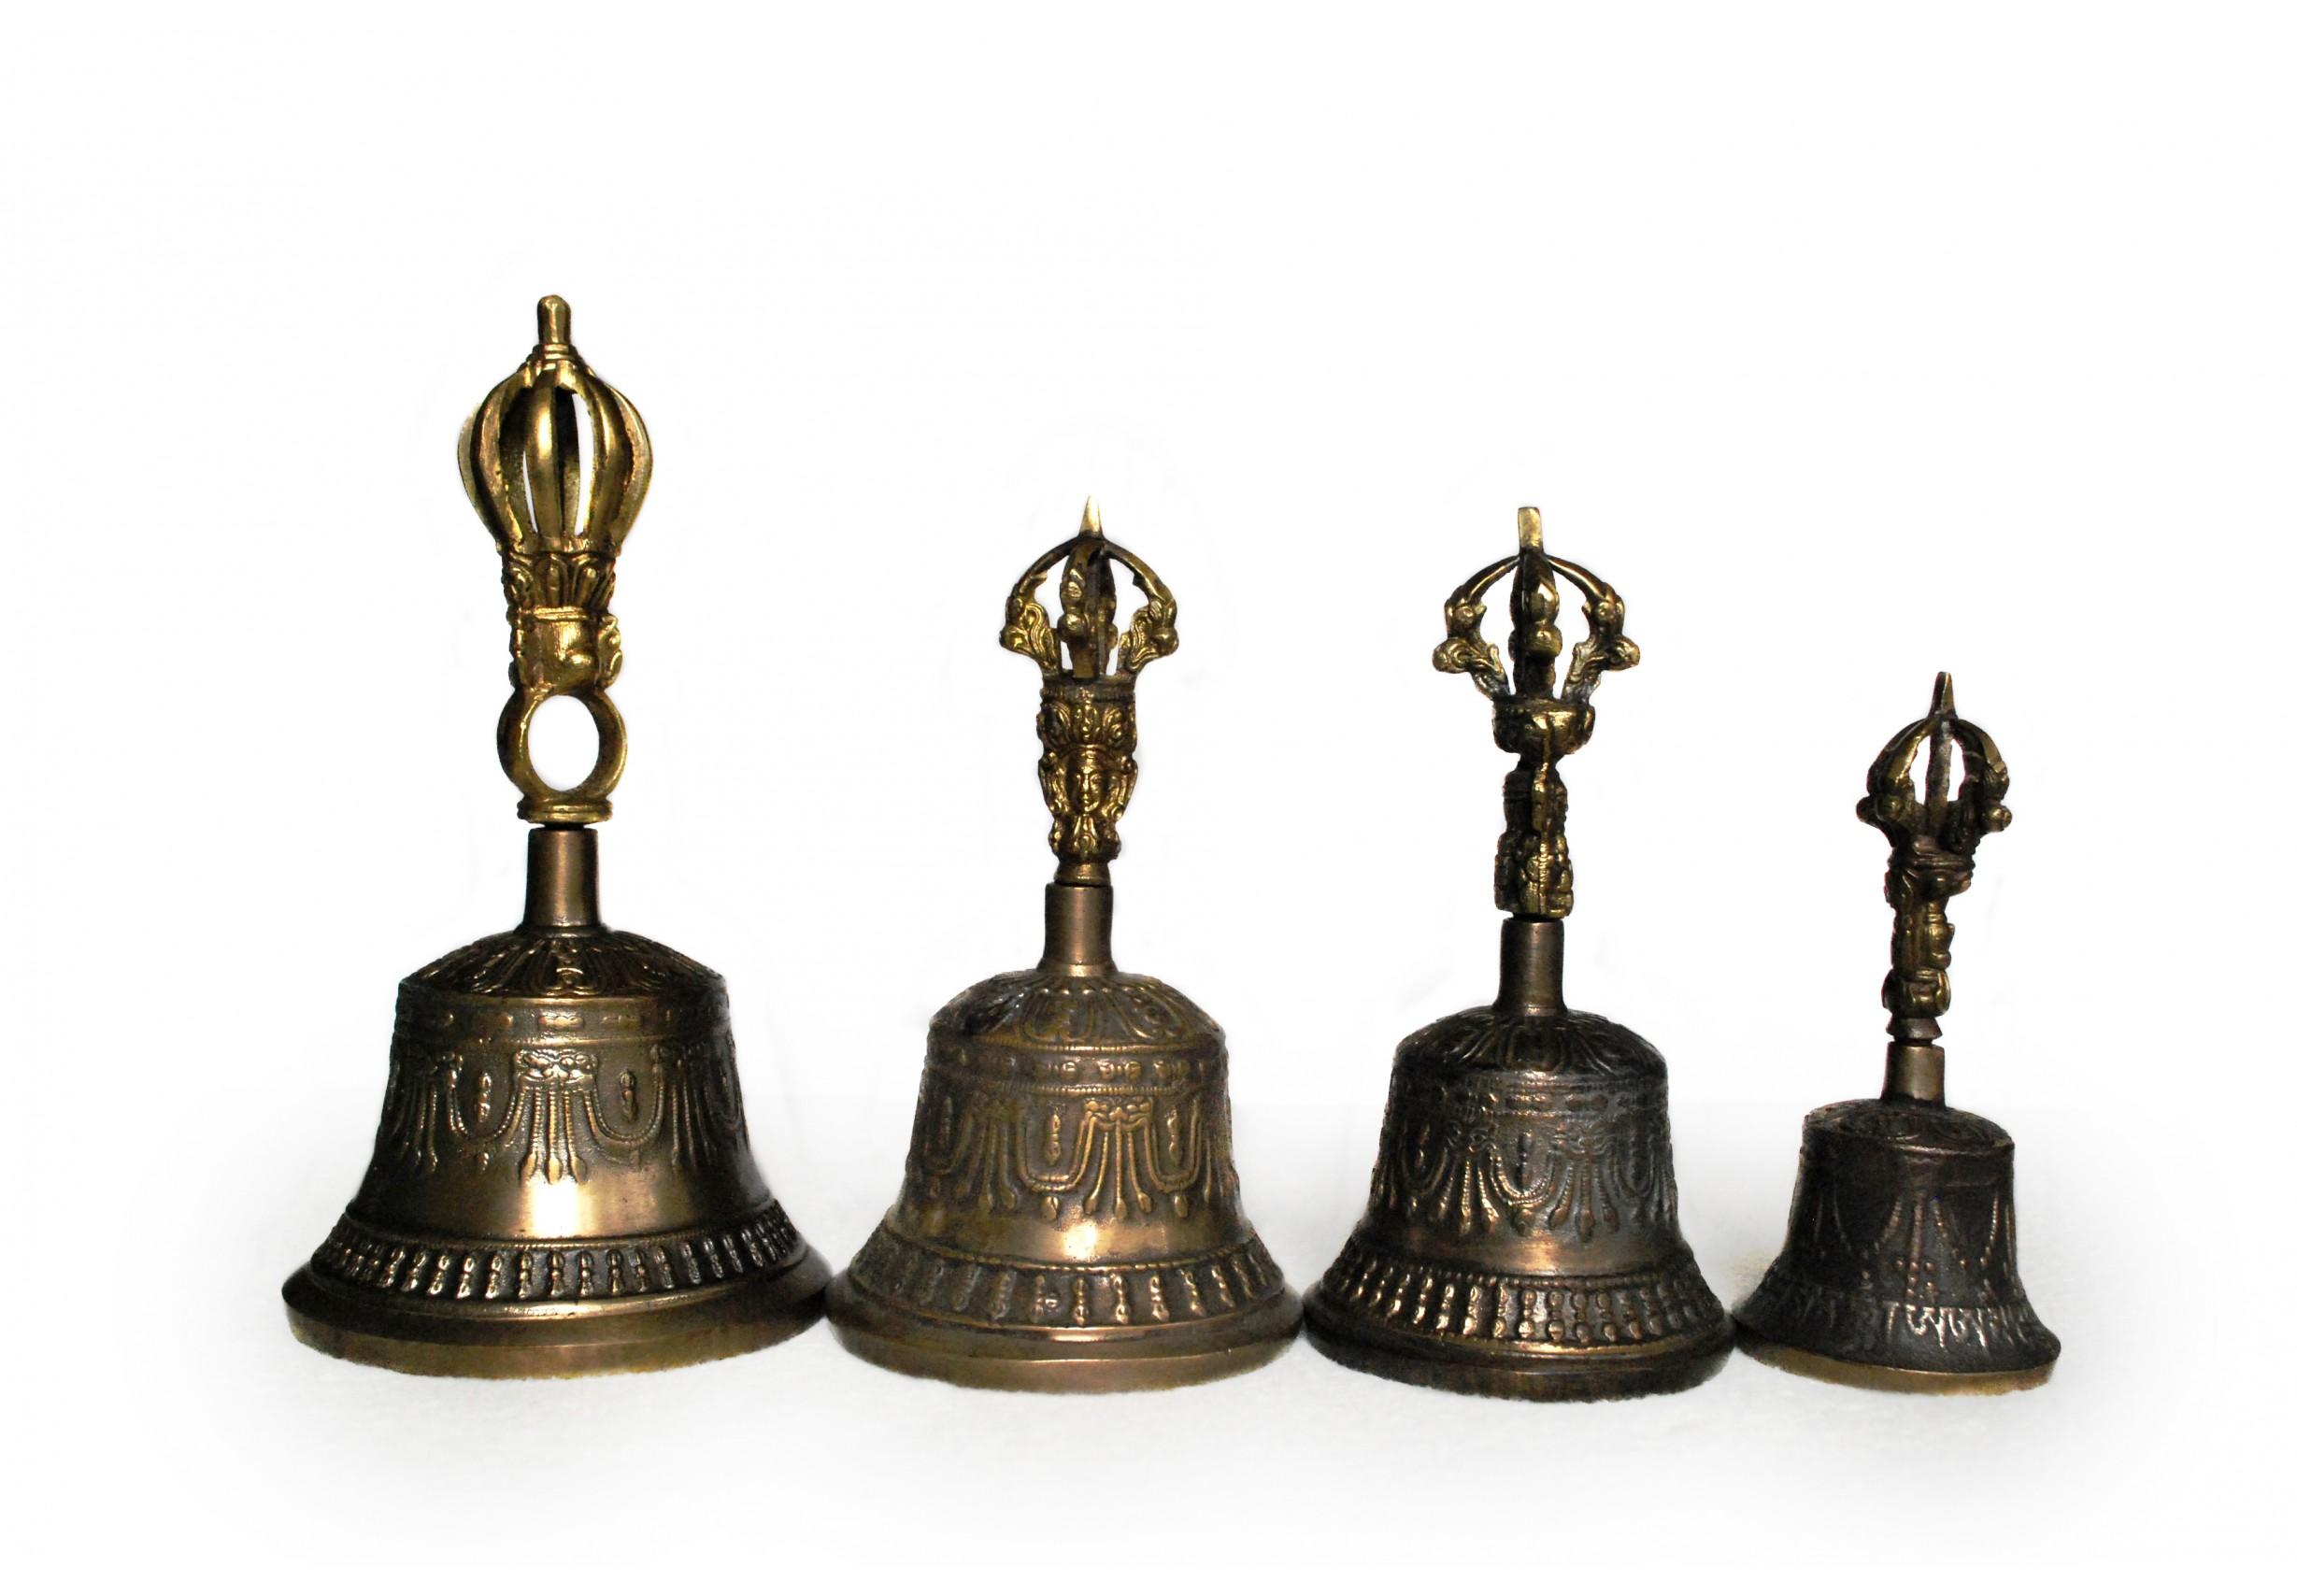 Tibetan bell - 14 cm